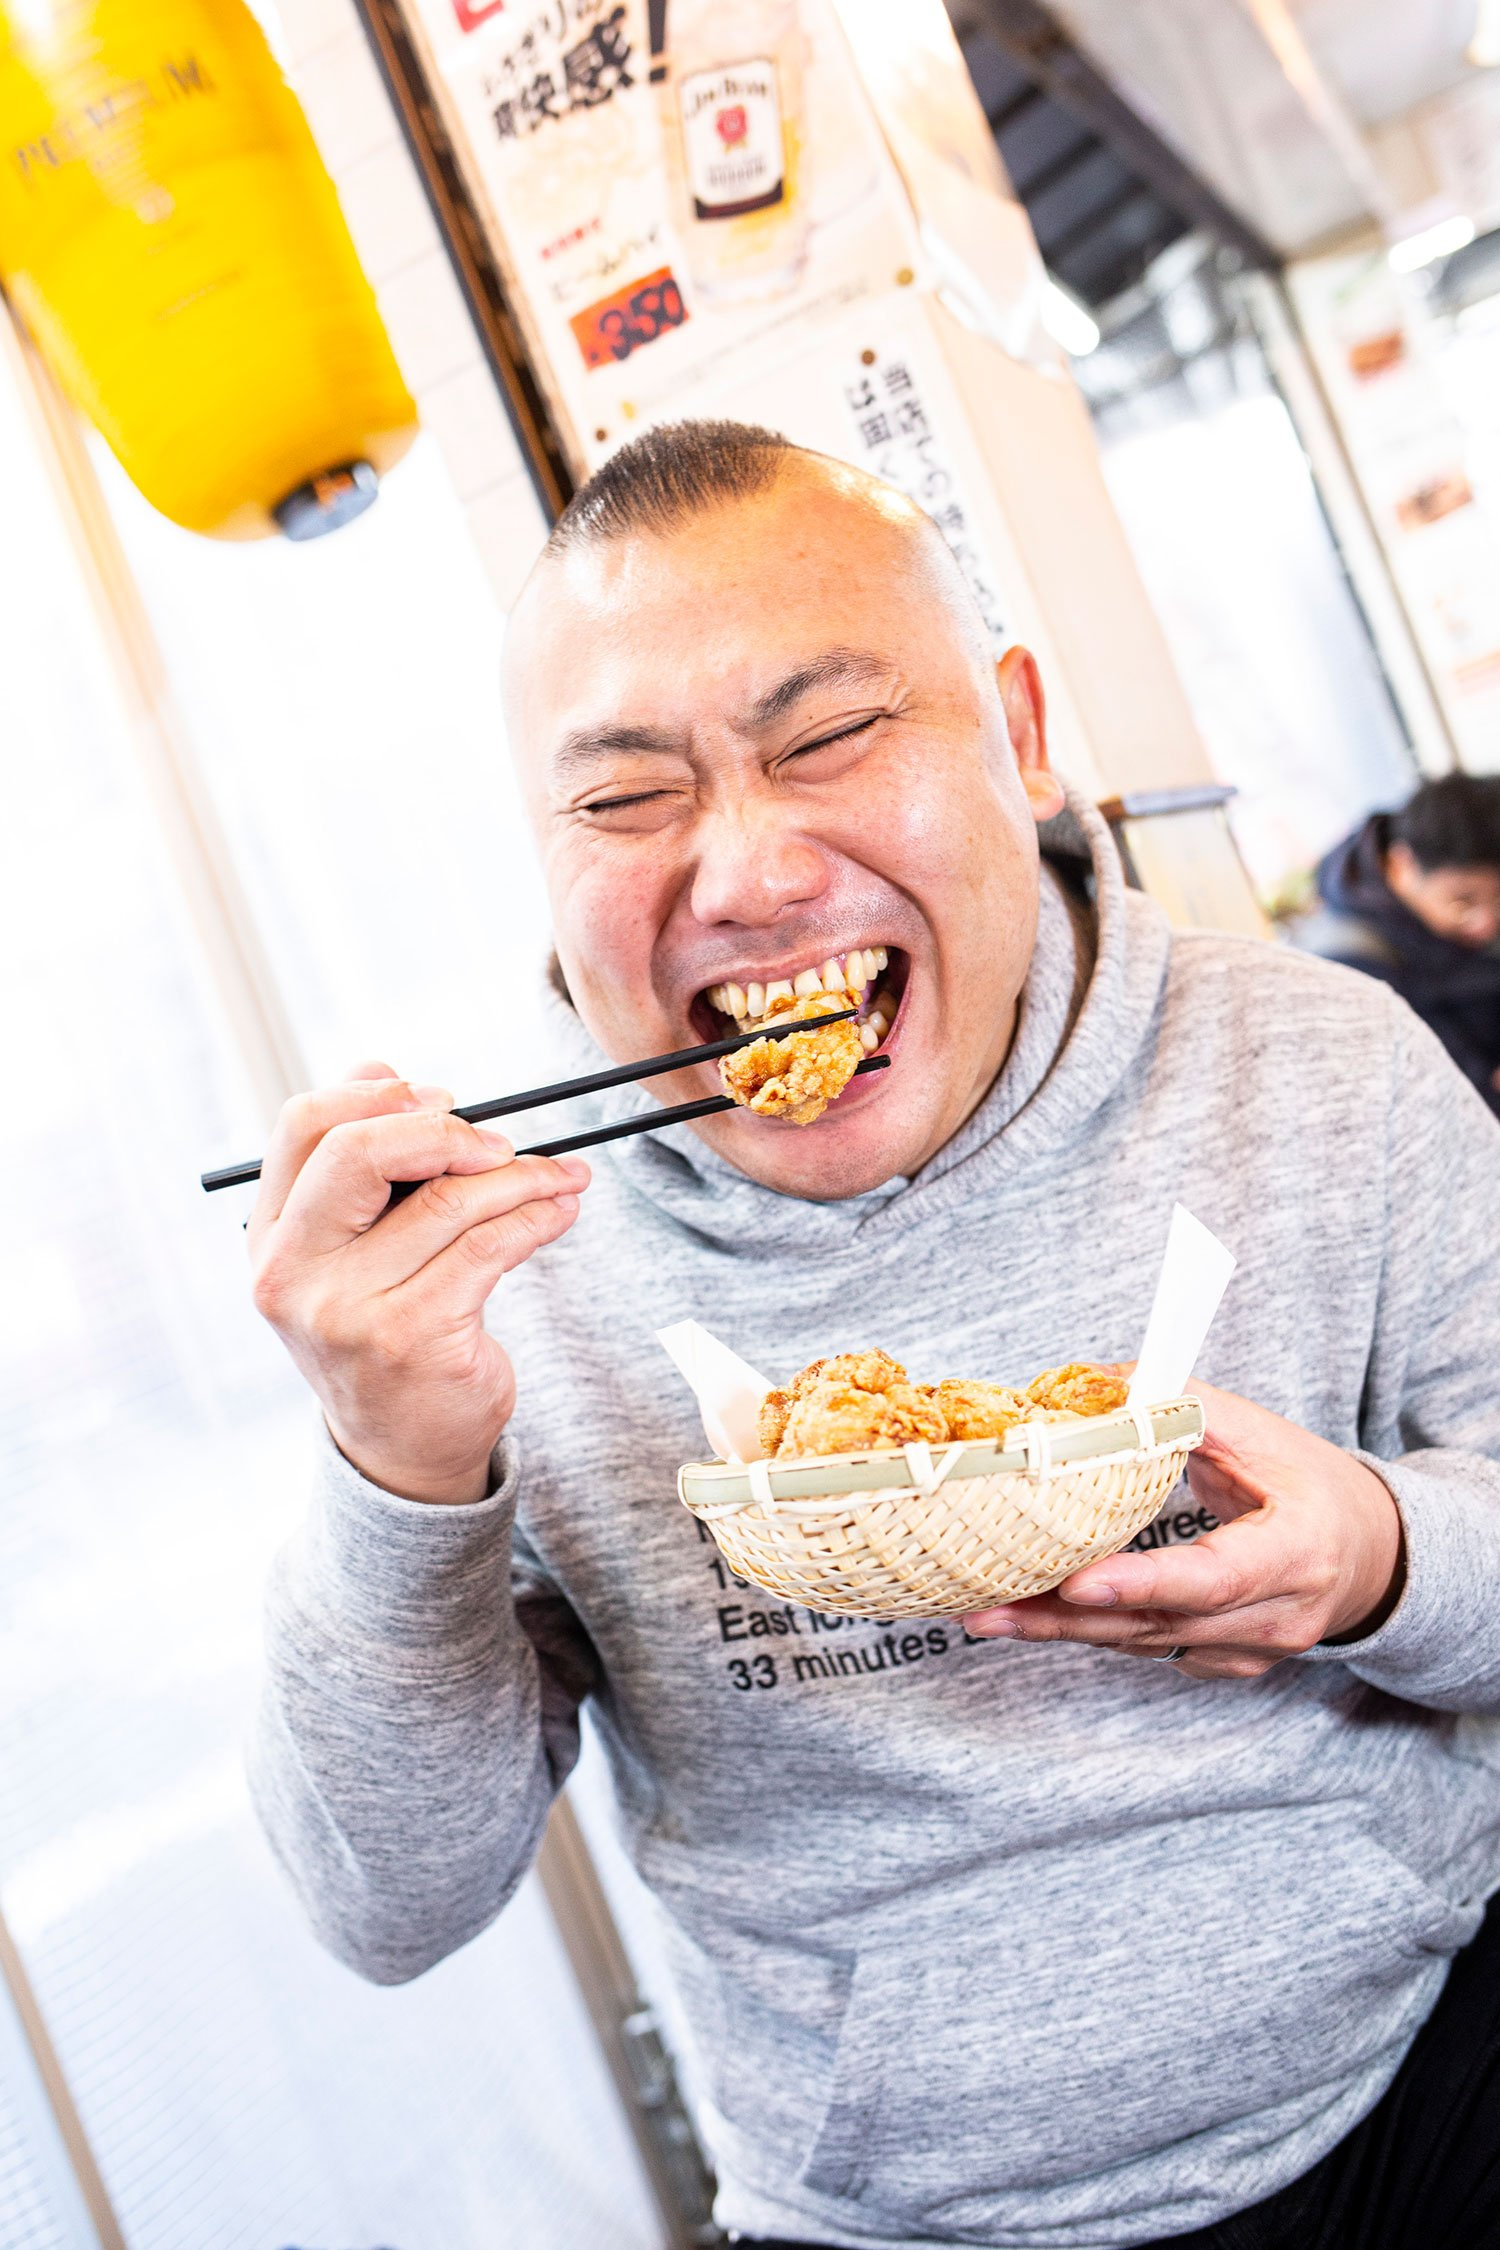 よく持ち帰りで買う『鶏&デリ』の唐揚げはお店でも食べられる。「骨なしももさえあれば間違いないんです」と太鼓判!